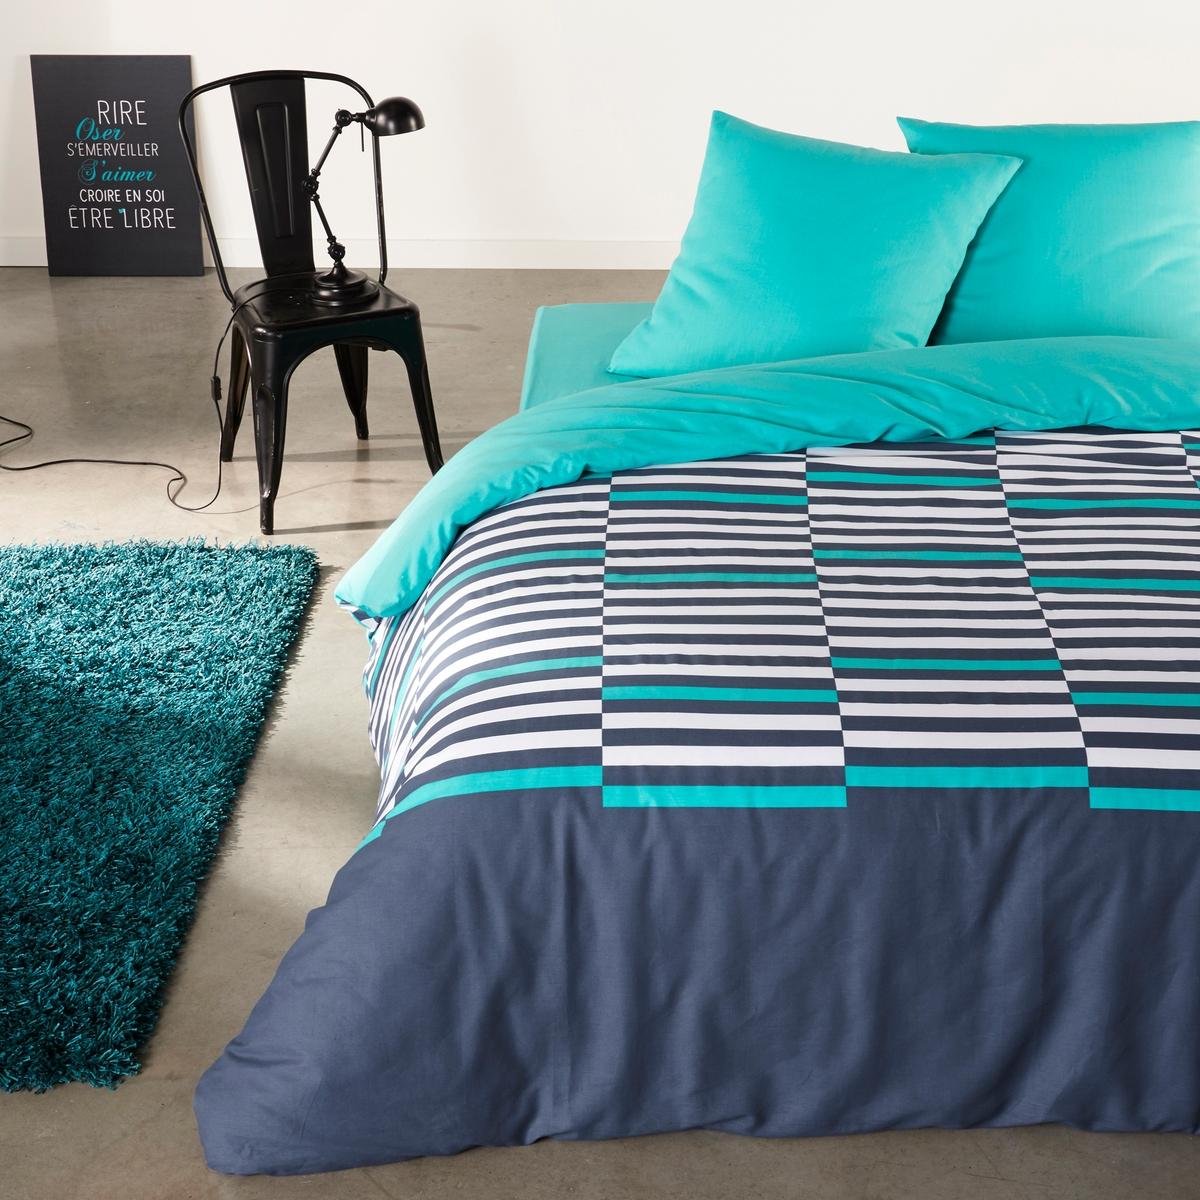 Комплект постельного белья, 100% хлопка, Irregular Stripes